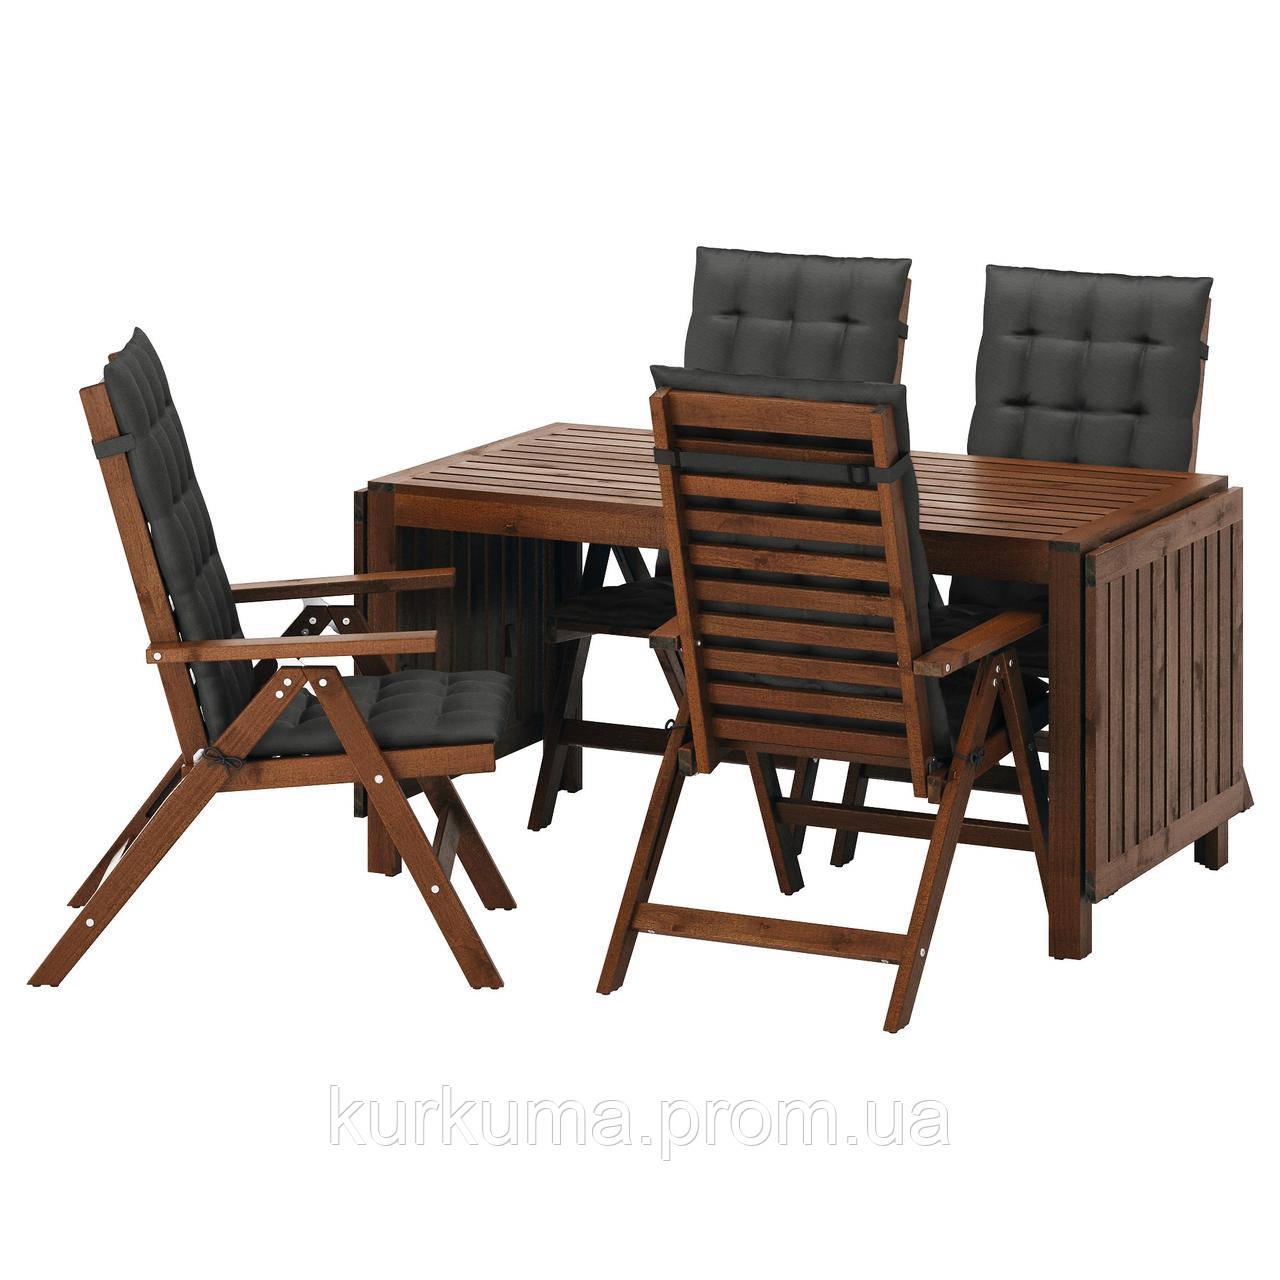 IKEA APPLARO Садовый стол и 4 раскладных стулья, коричневая морилка, Холло (191.567.89)